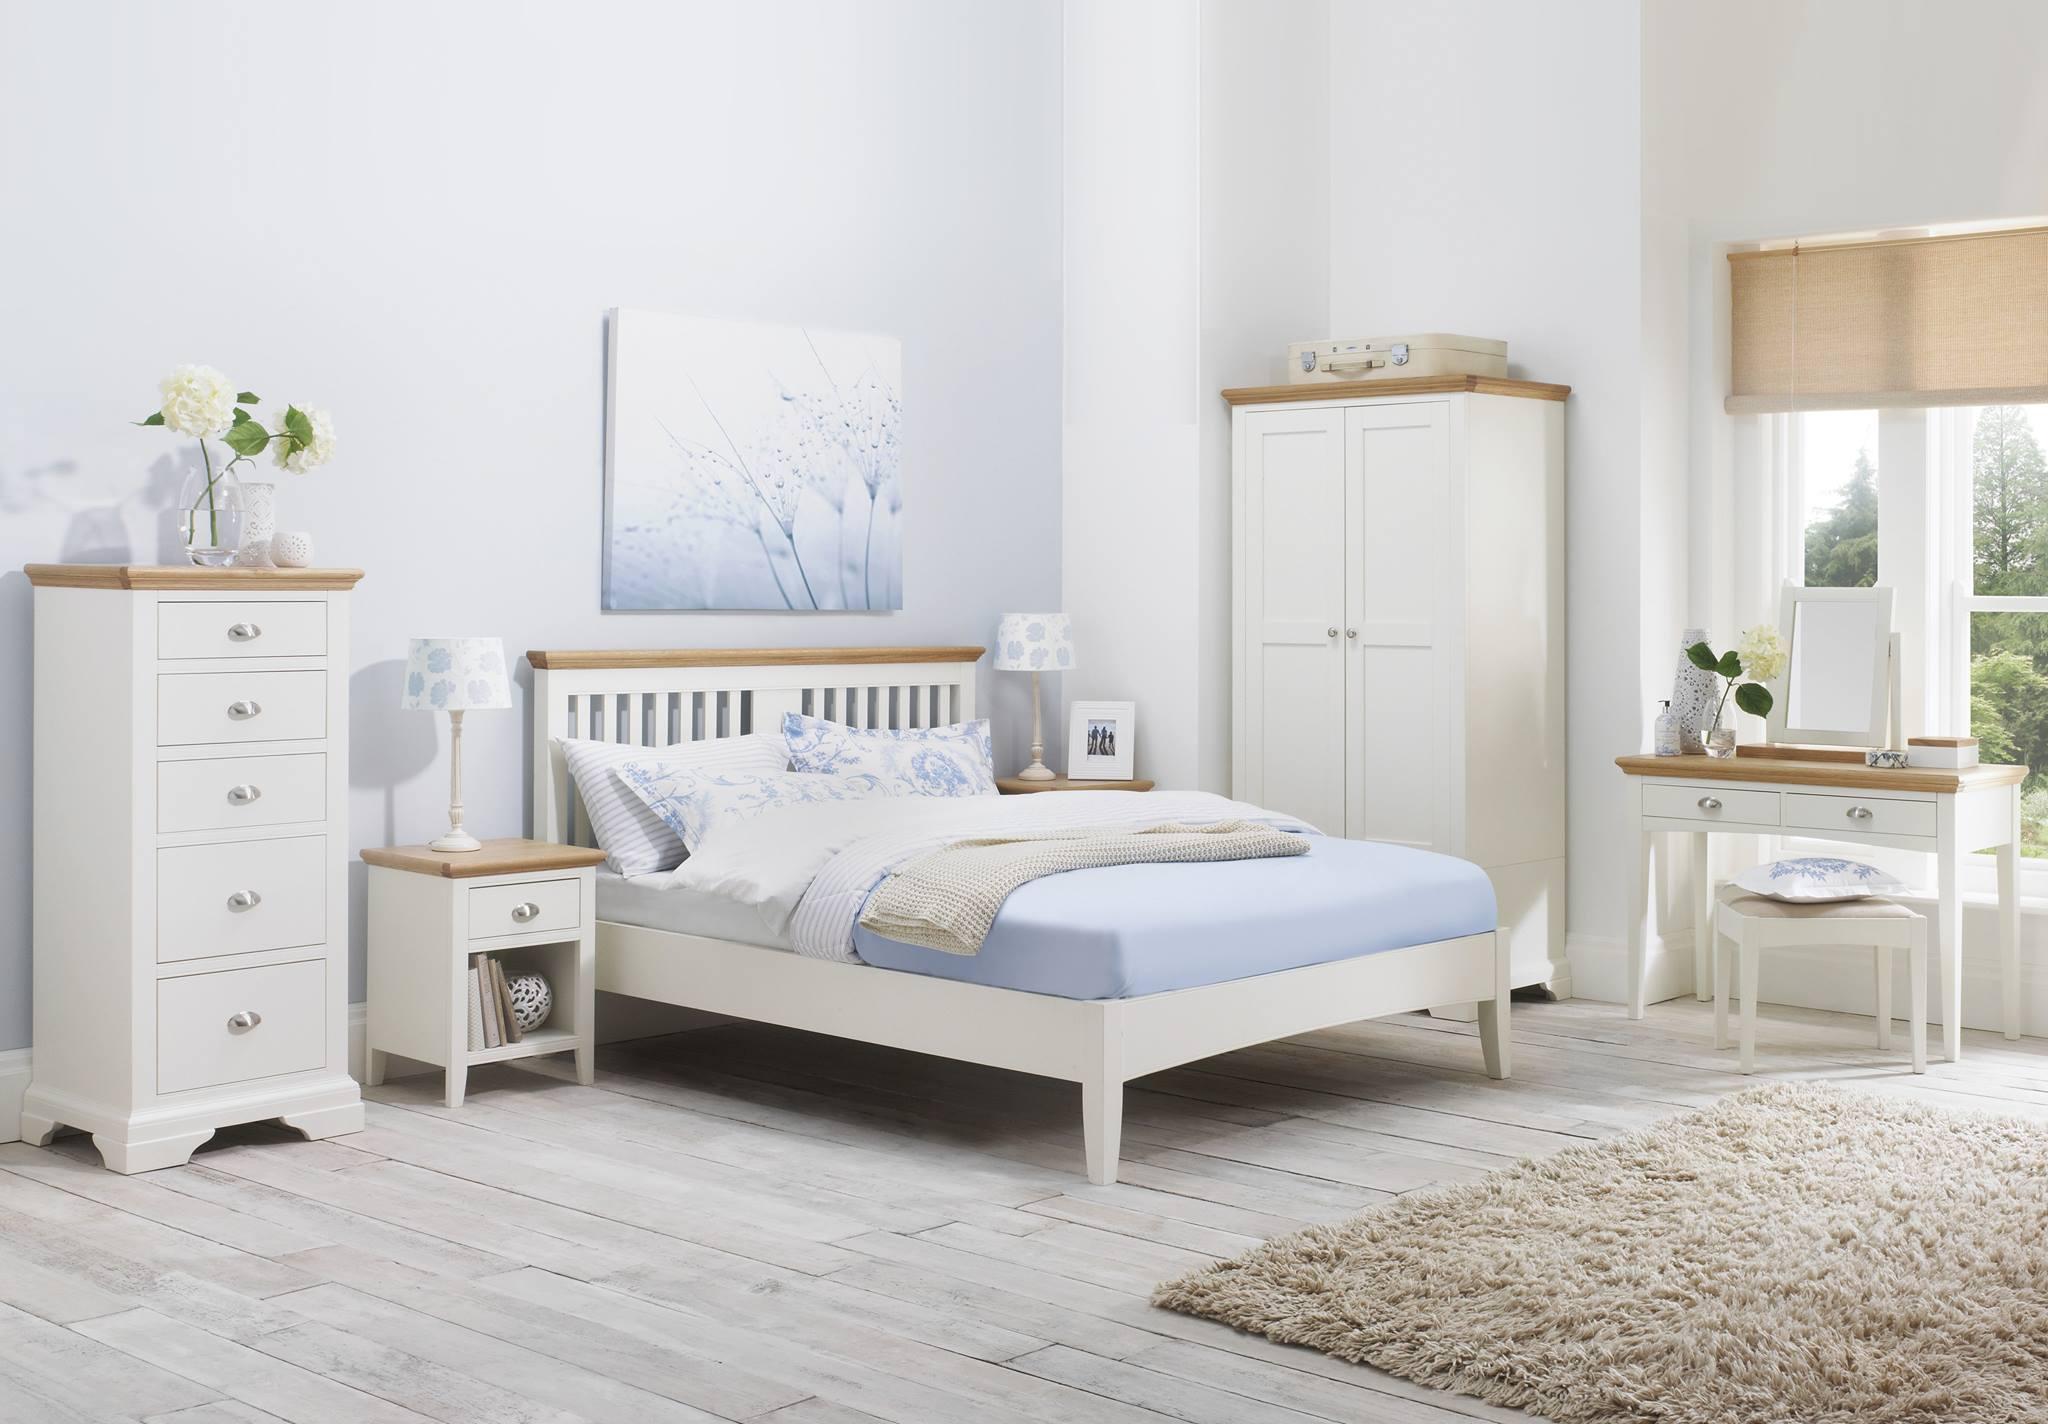 furniture village-gallery